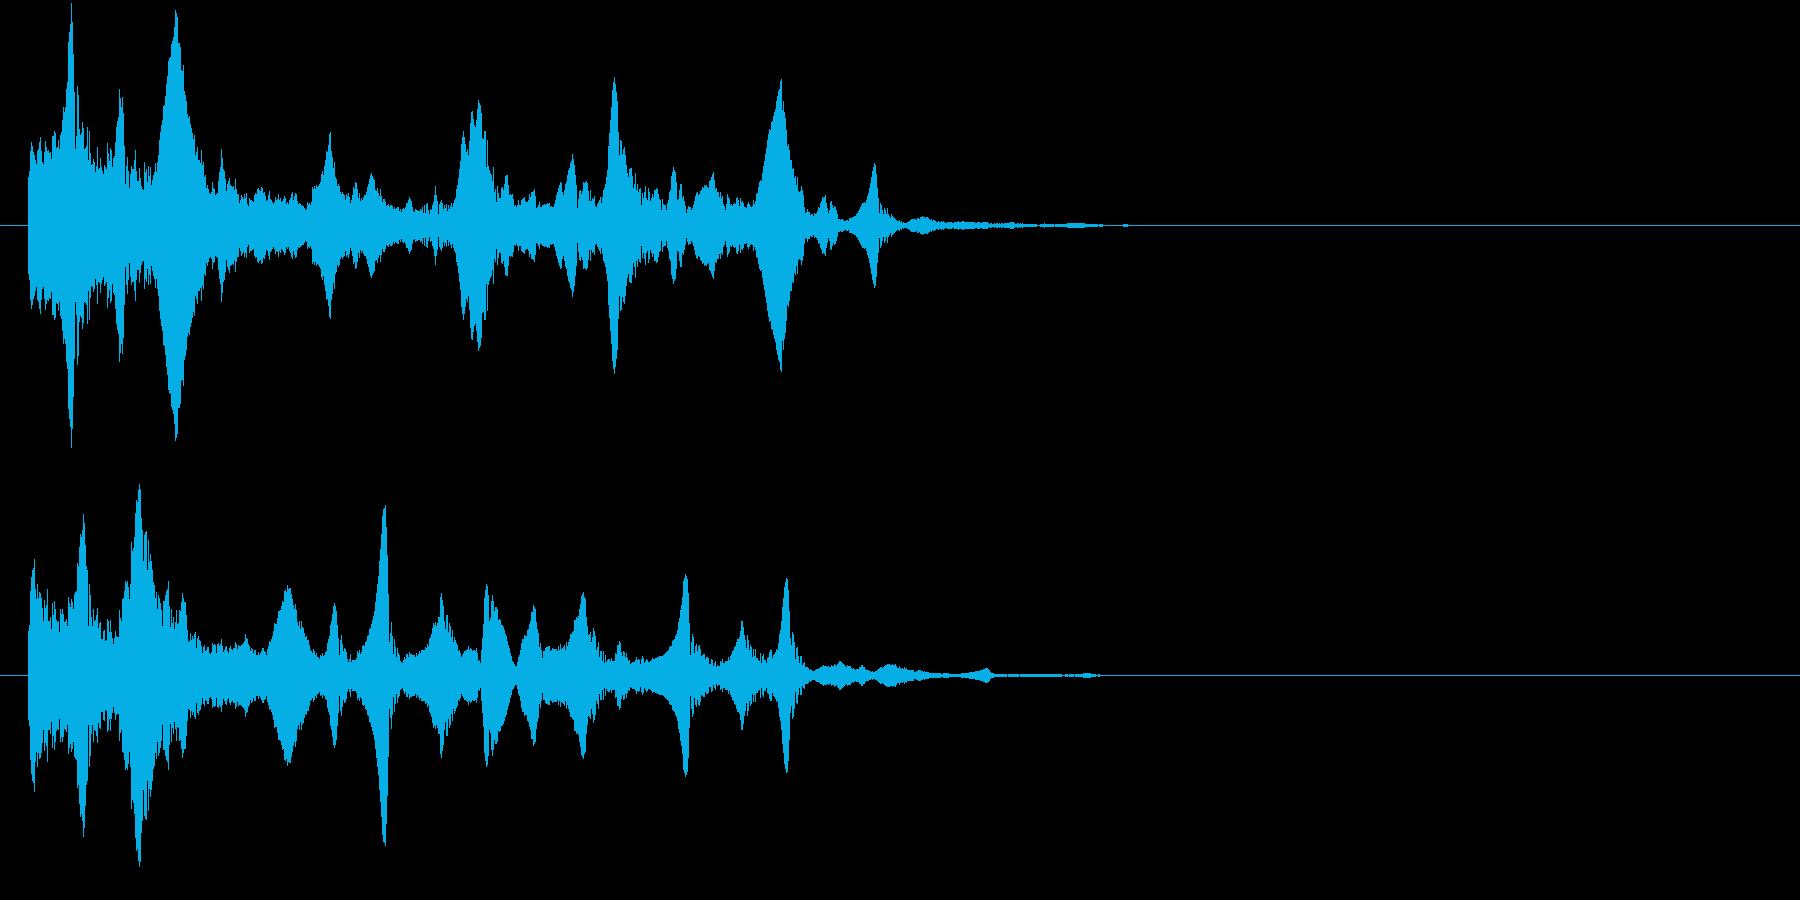 場面転換/水中・泡・深海の再生済みの波形